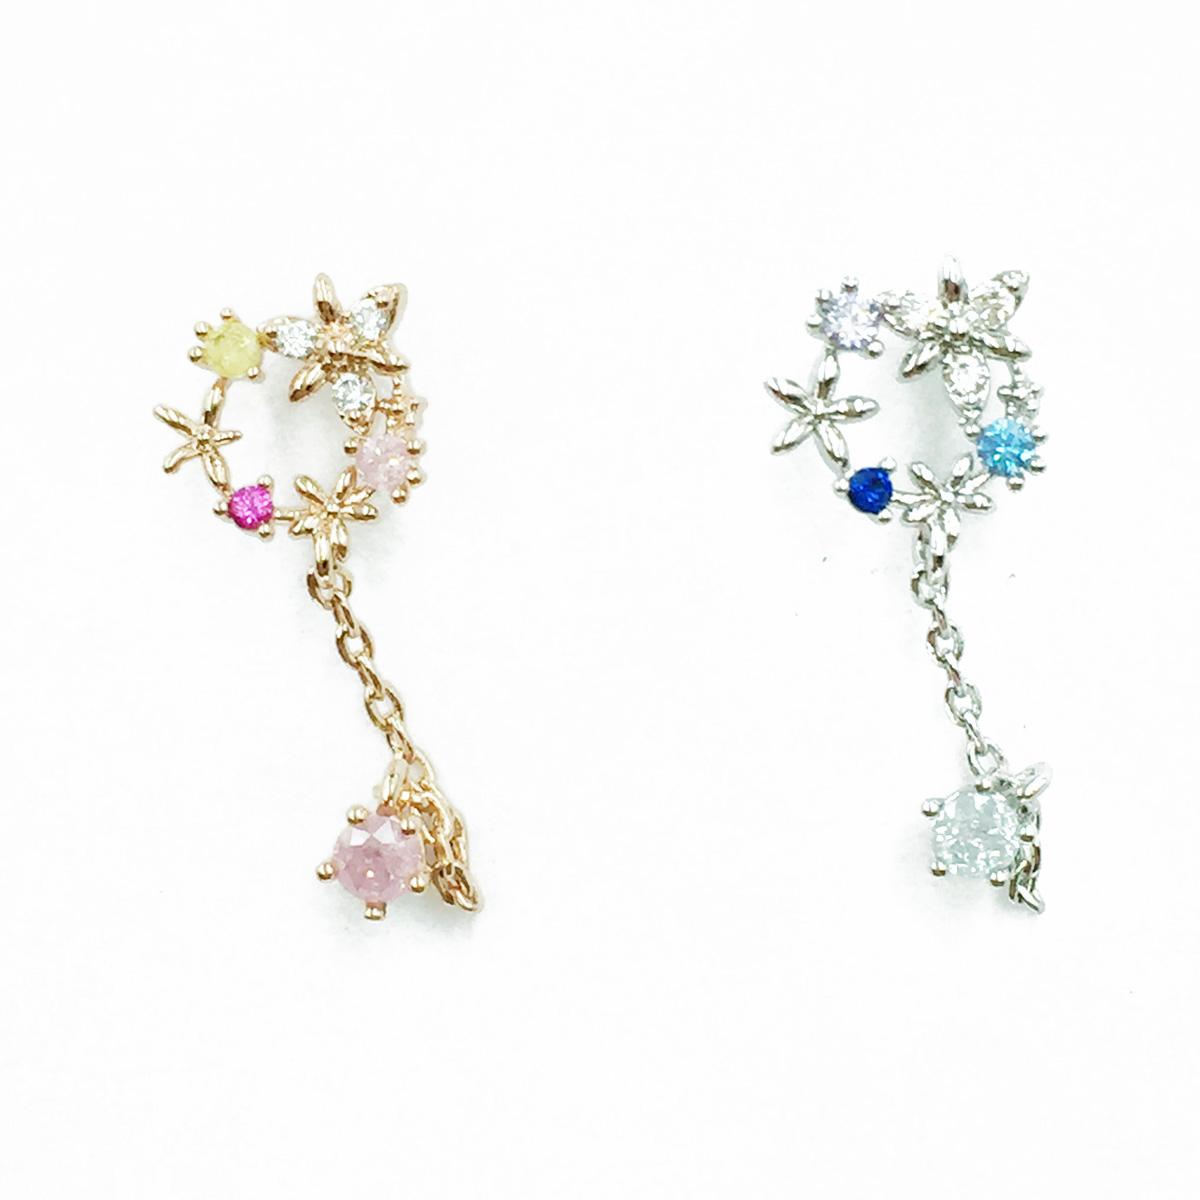 韓國 不鏽鋼 花 水鑽 耳環鍊 2色 後轉 耳針式耳環